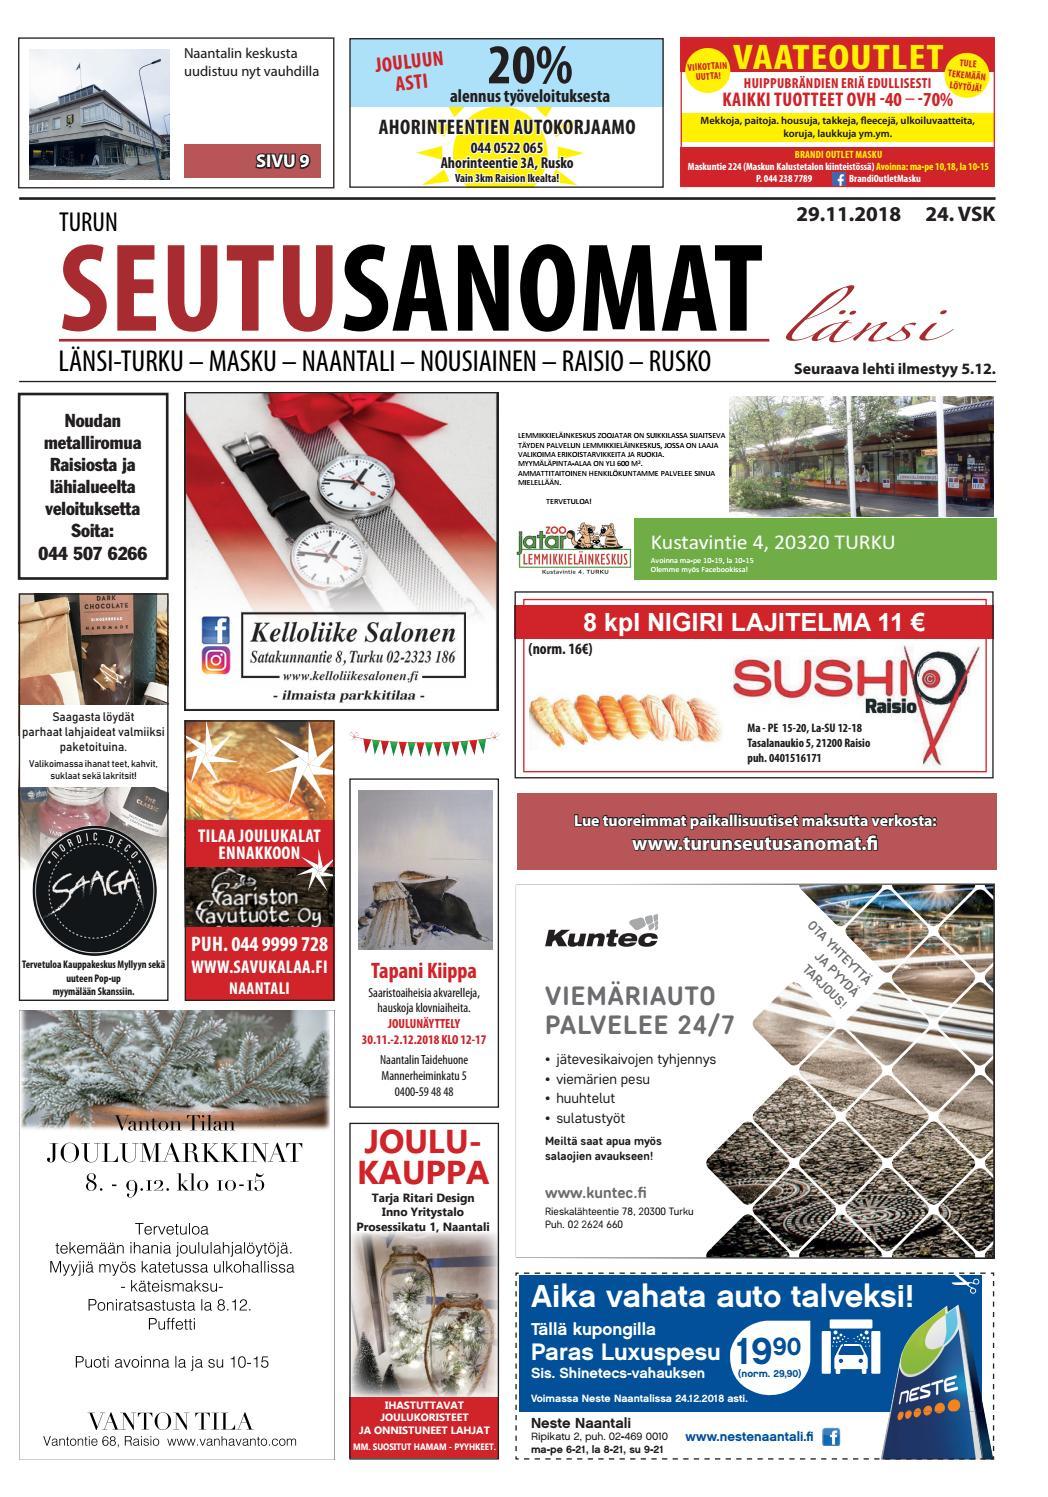 Turun Seutusanomat länsi 29.11.2018 by Turun Seutusanomat - issuu cf884136f1